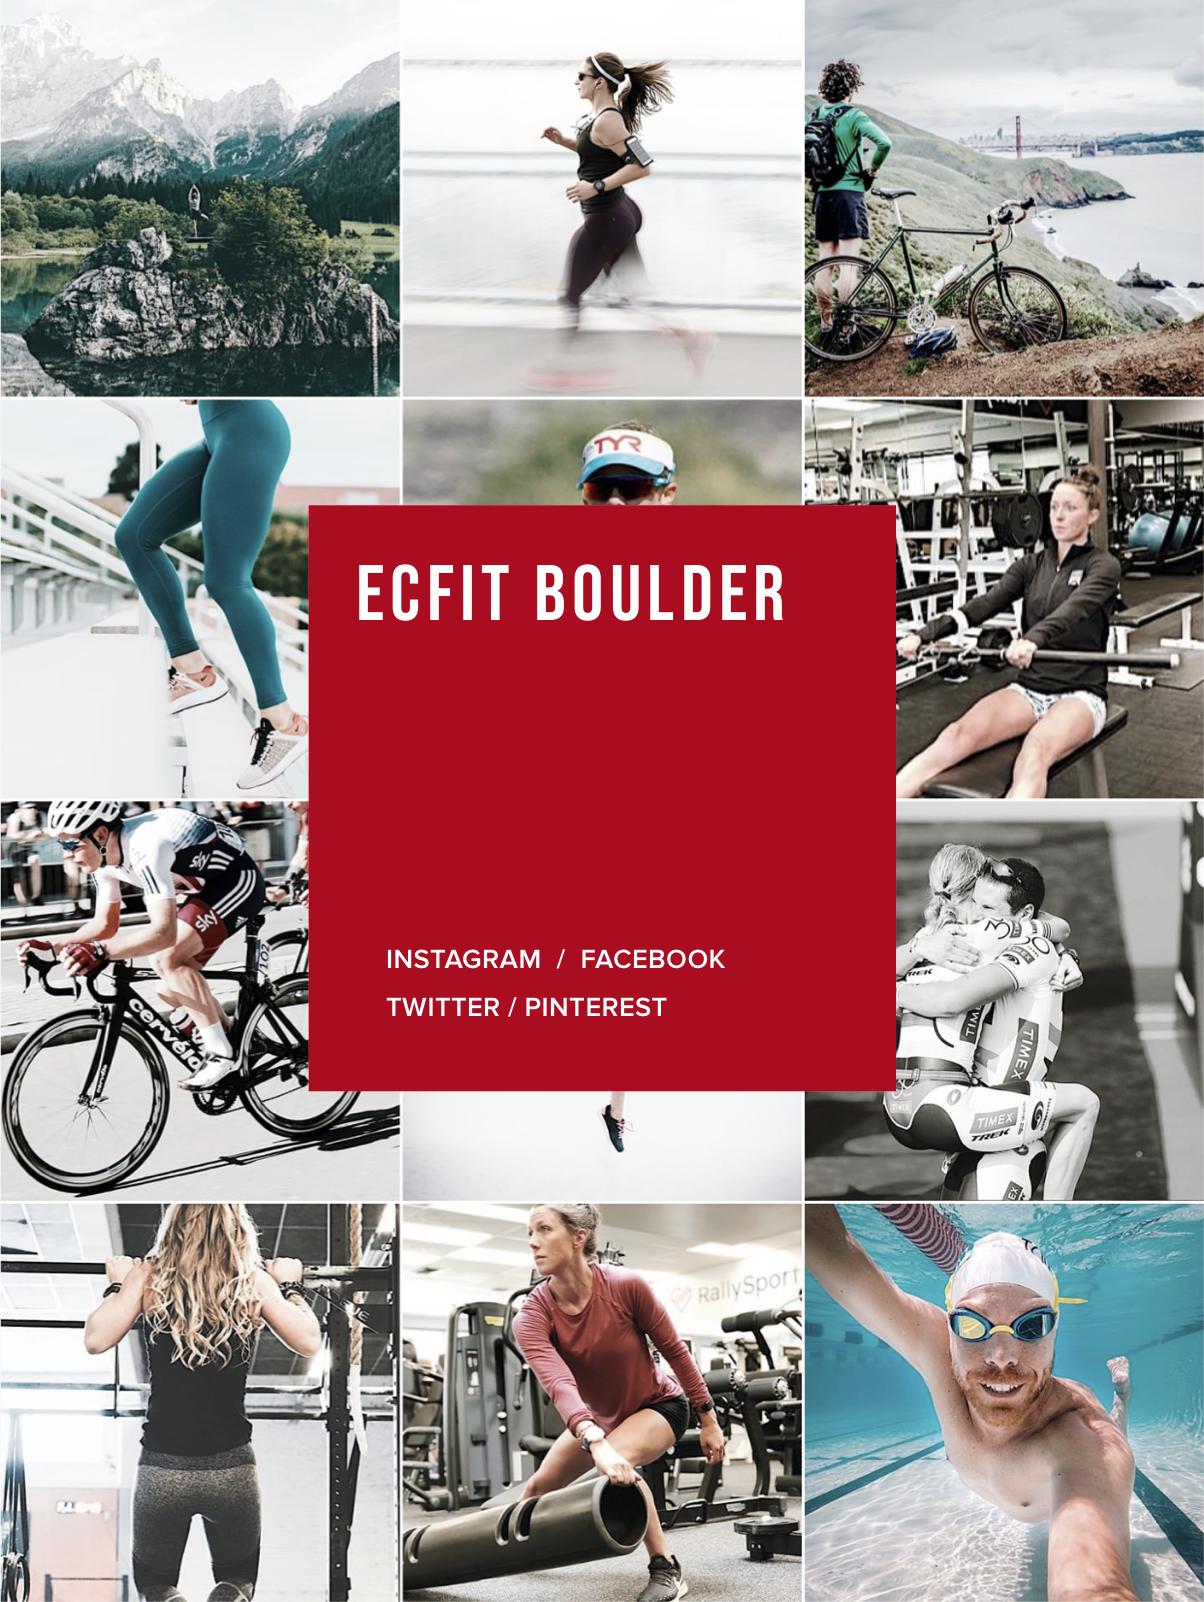 ECFit Boulder